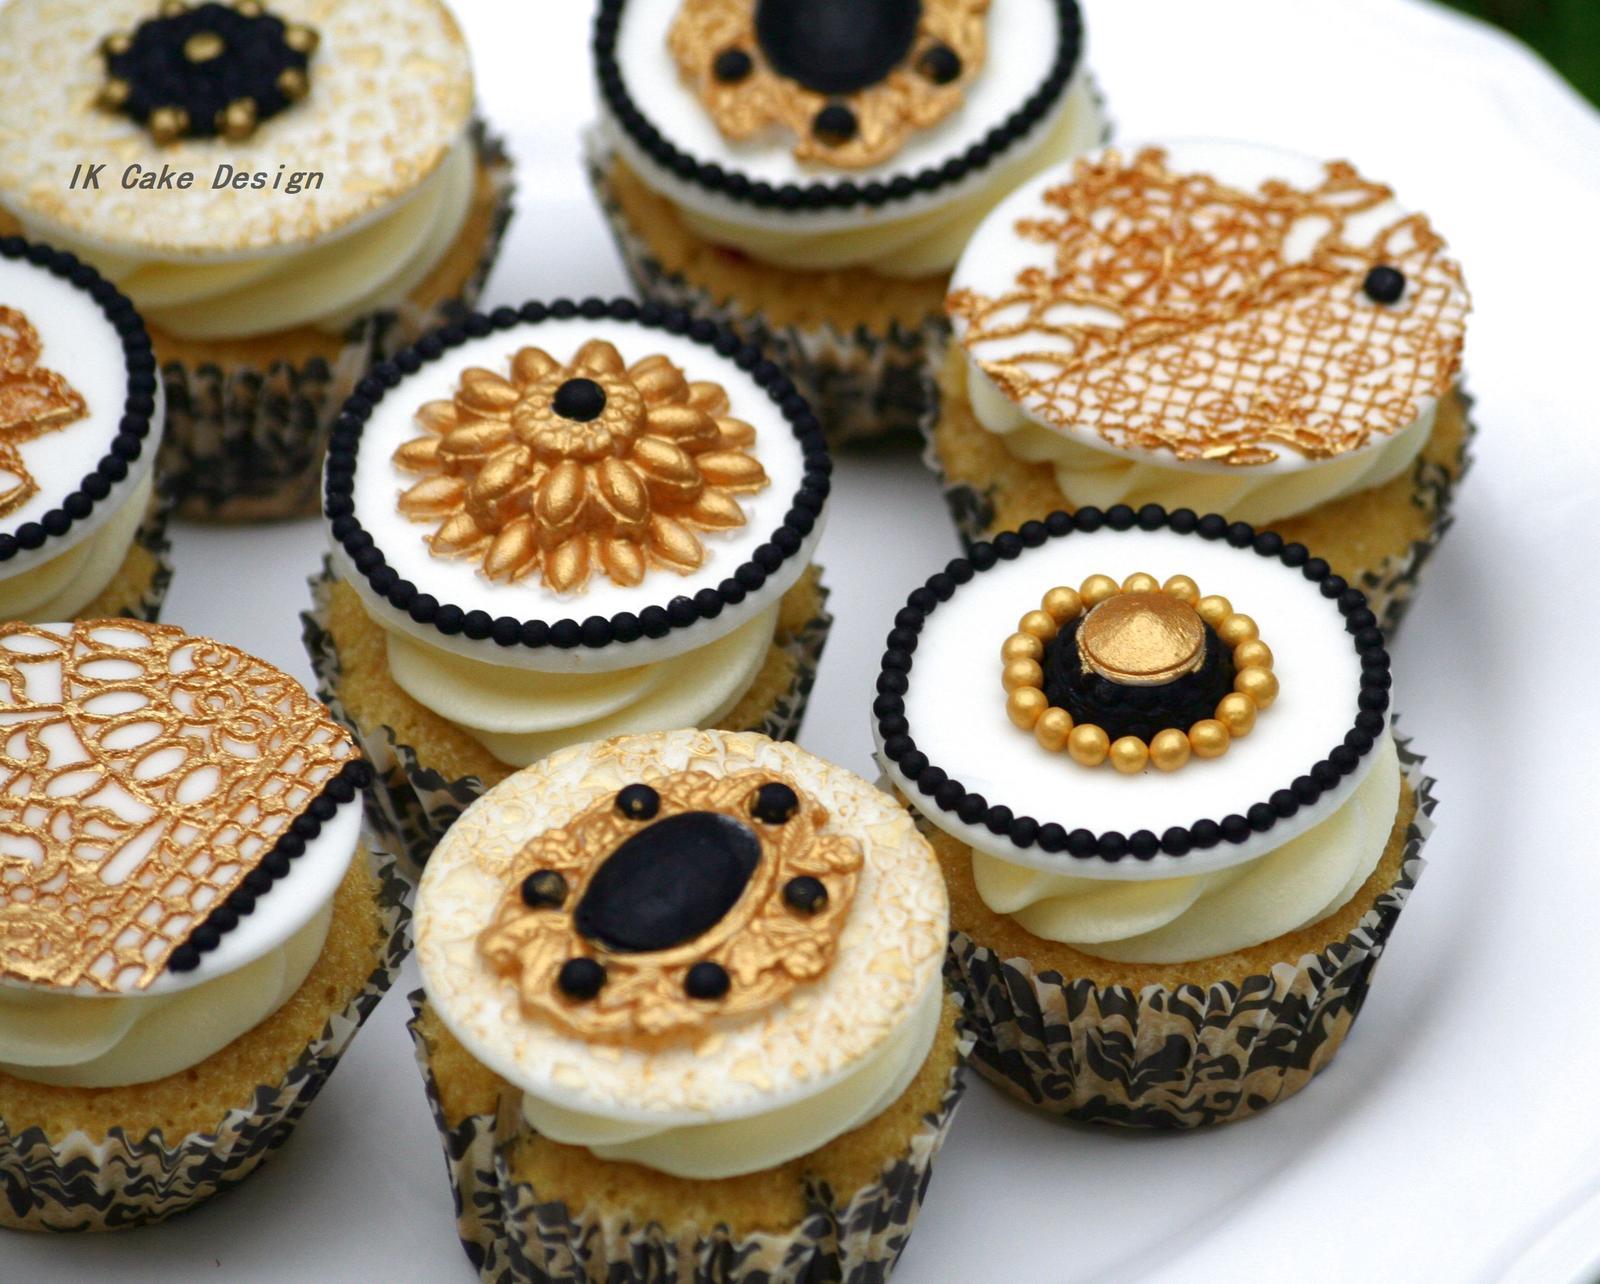 co taketo cupcakes? znama... - Obrázok č. 2